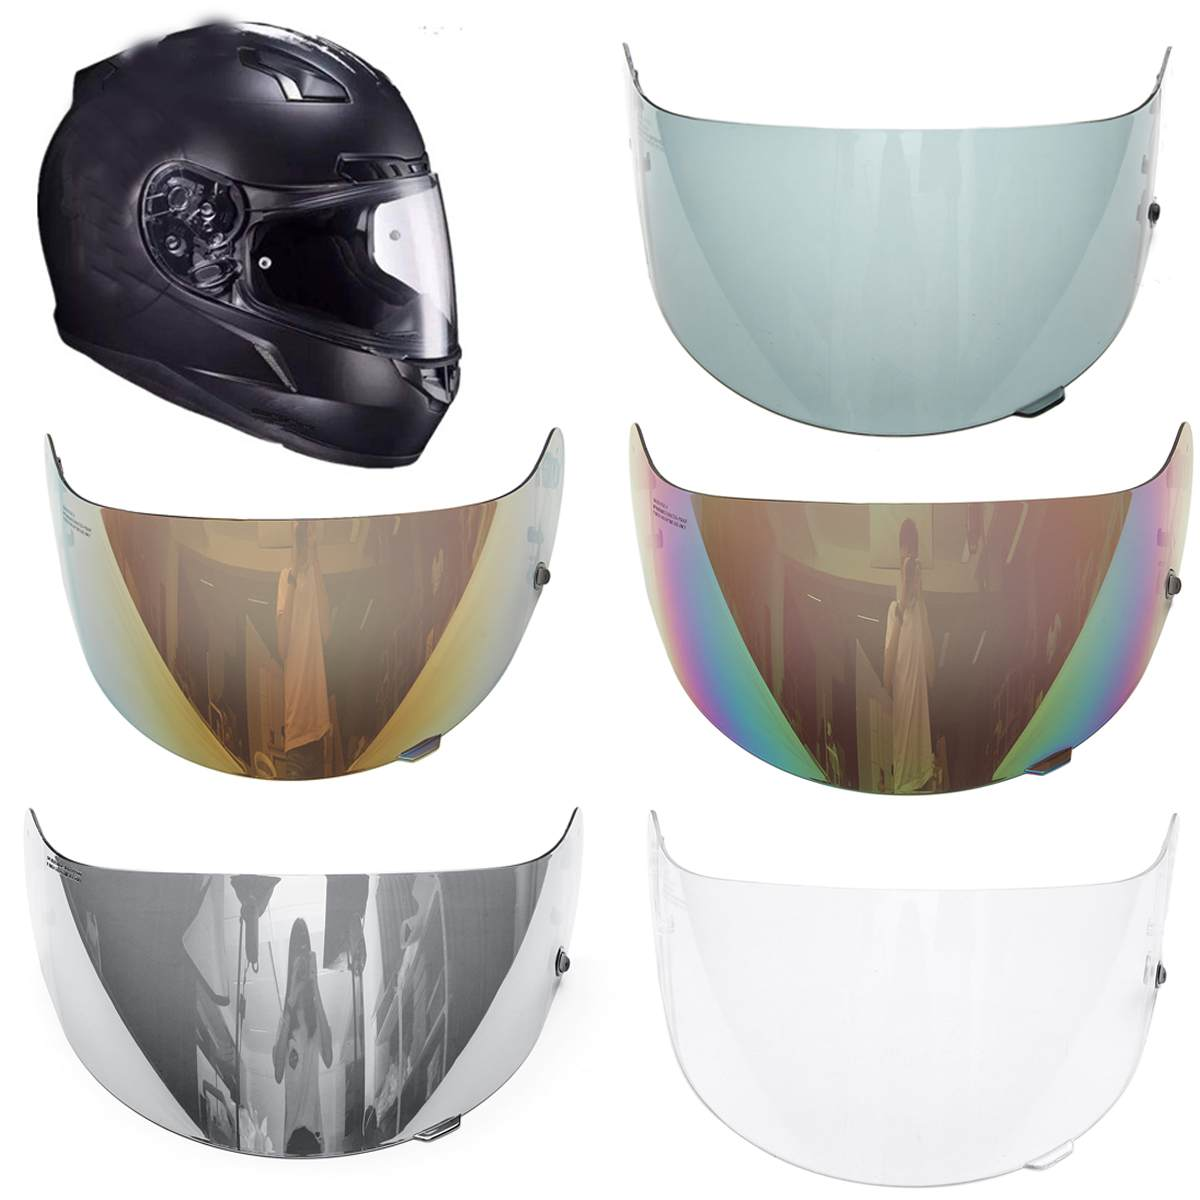 Motorcycle Helmet Lens Visor Helmet Glasses Lens Full Face For HJC CL-16 CL-17 CS-15 CS-R1 CS-R2 CS-15 FG-15 TR-1